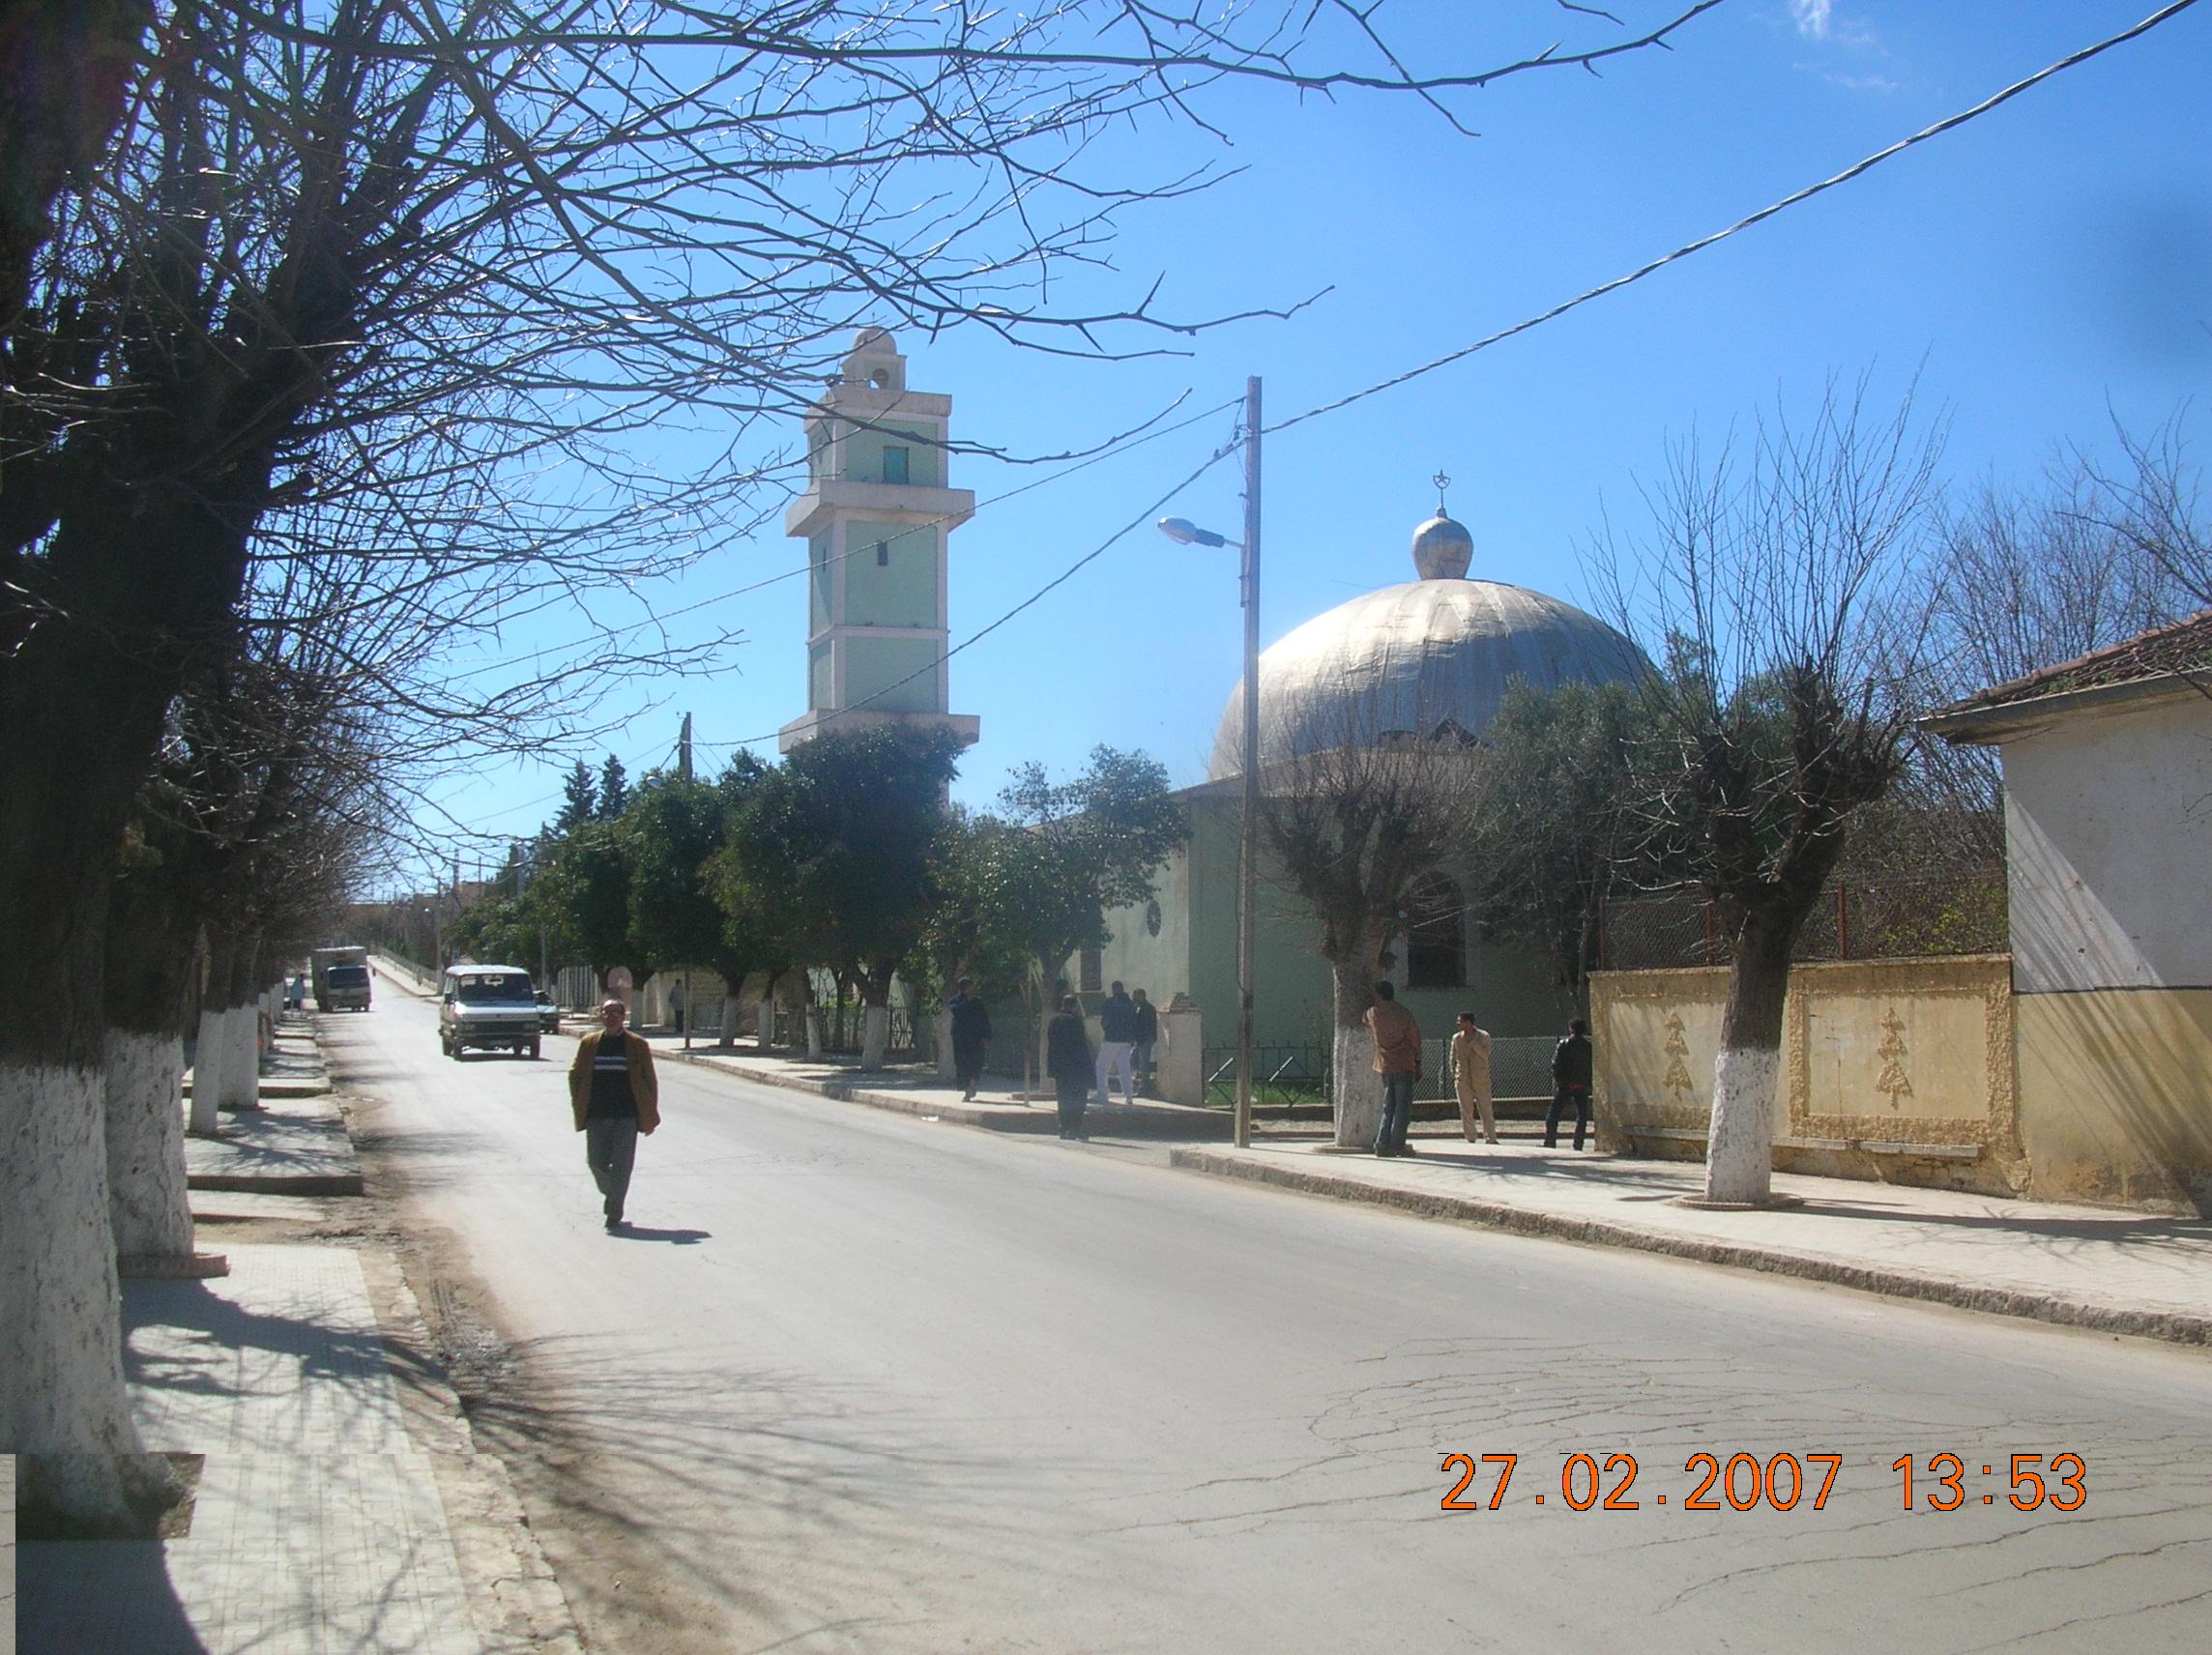 الشارع الرئيسي بقرية ملاكو